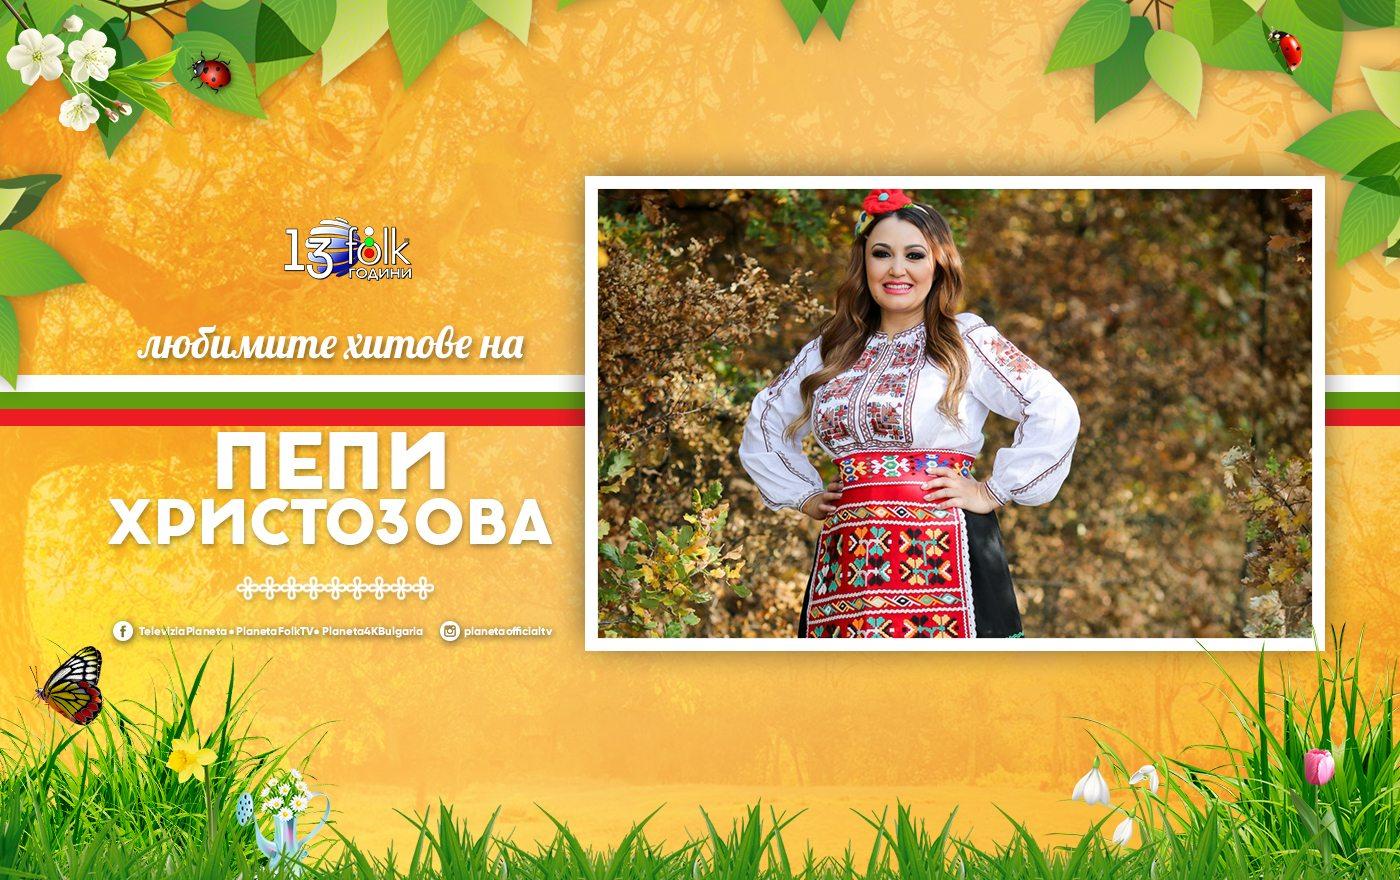 Красотата на България през погледа на Пепи Христозова